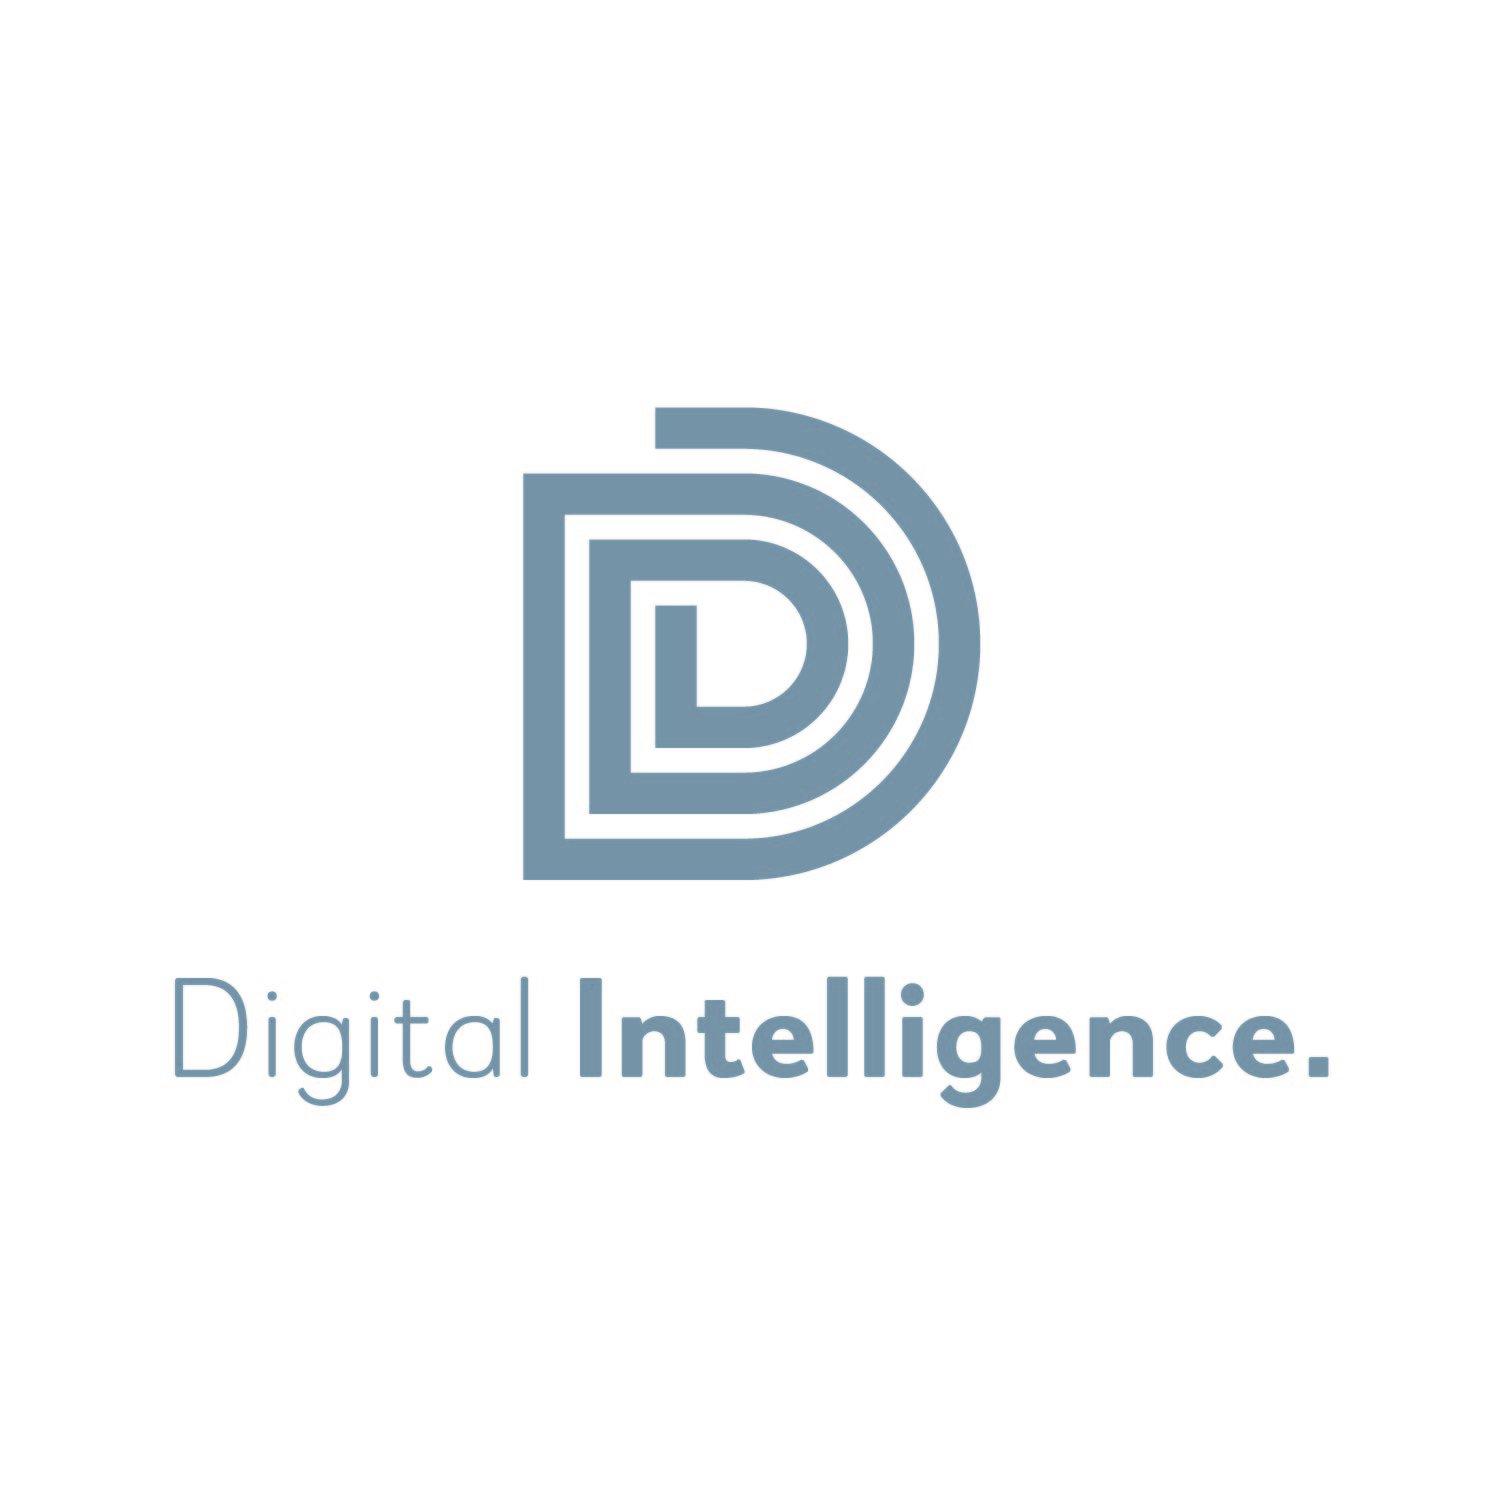 22_DigitalIntelligence